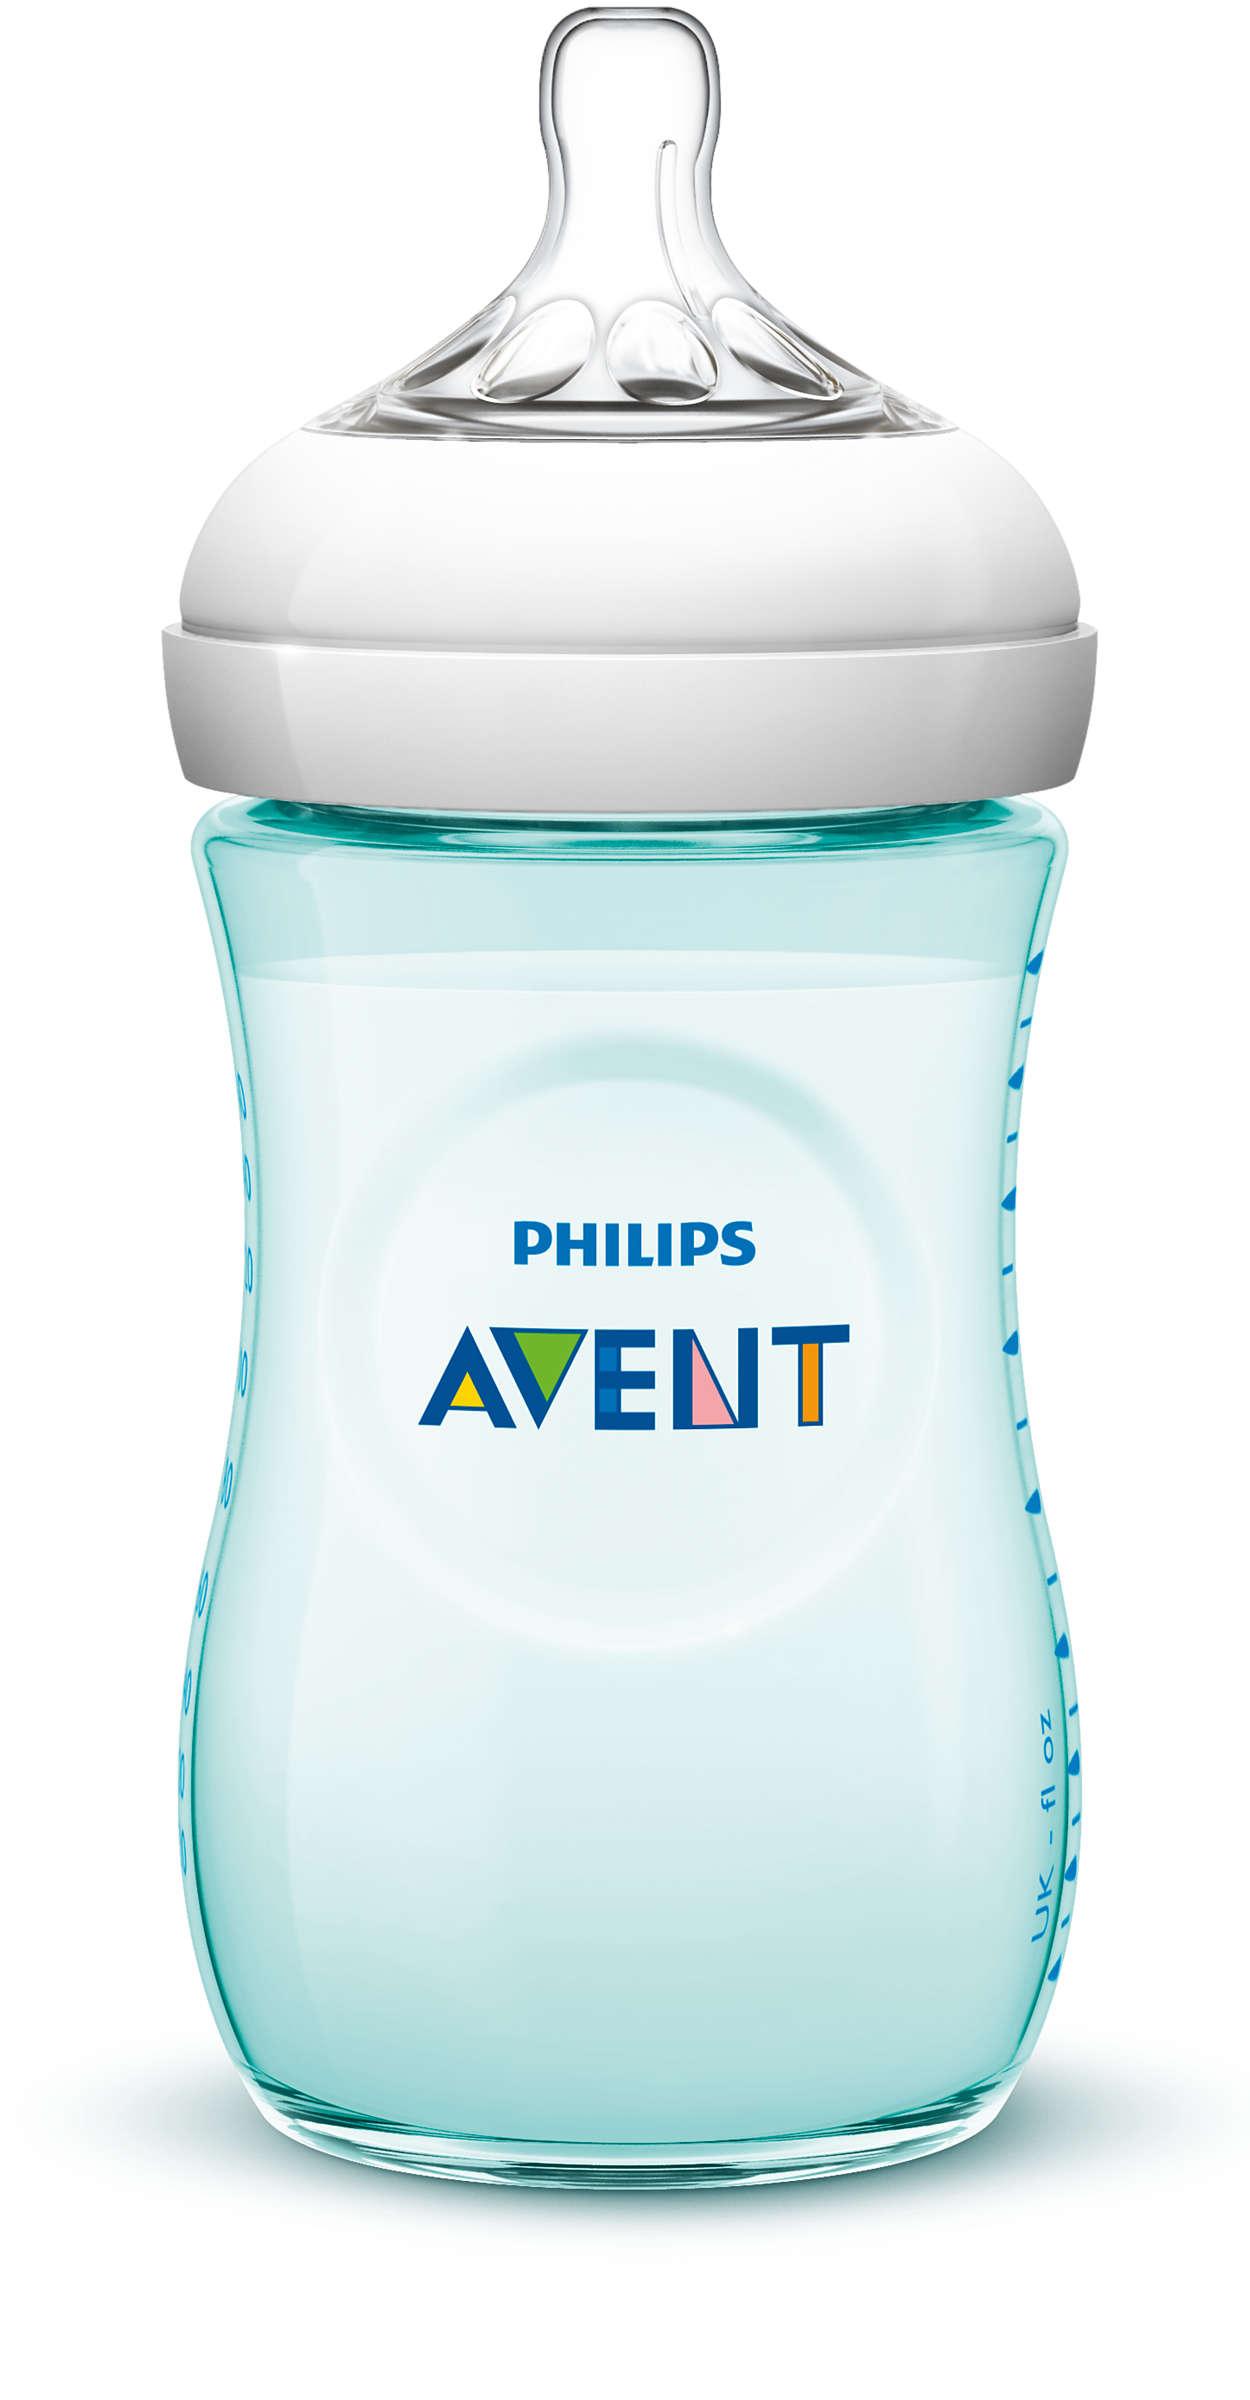 Den mest naturlige måten å mate med flaske på